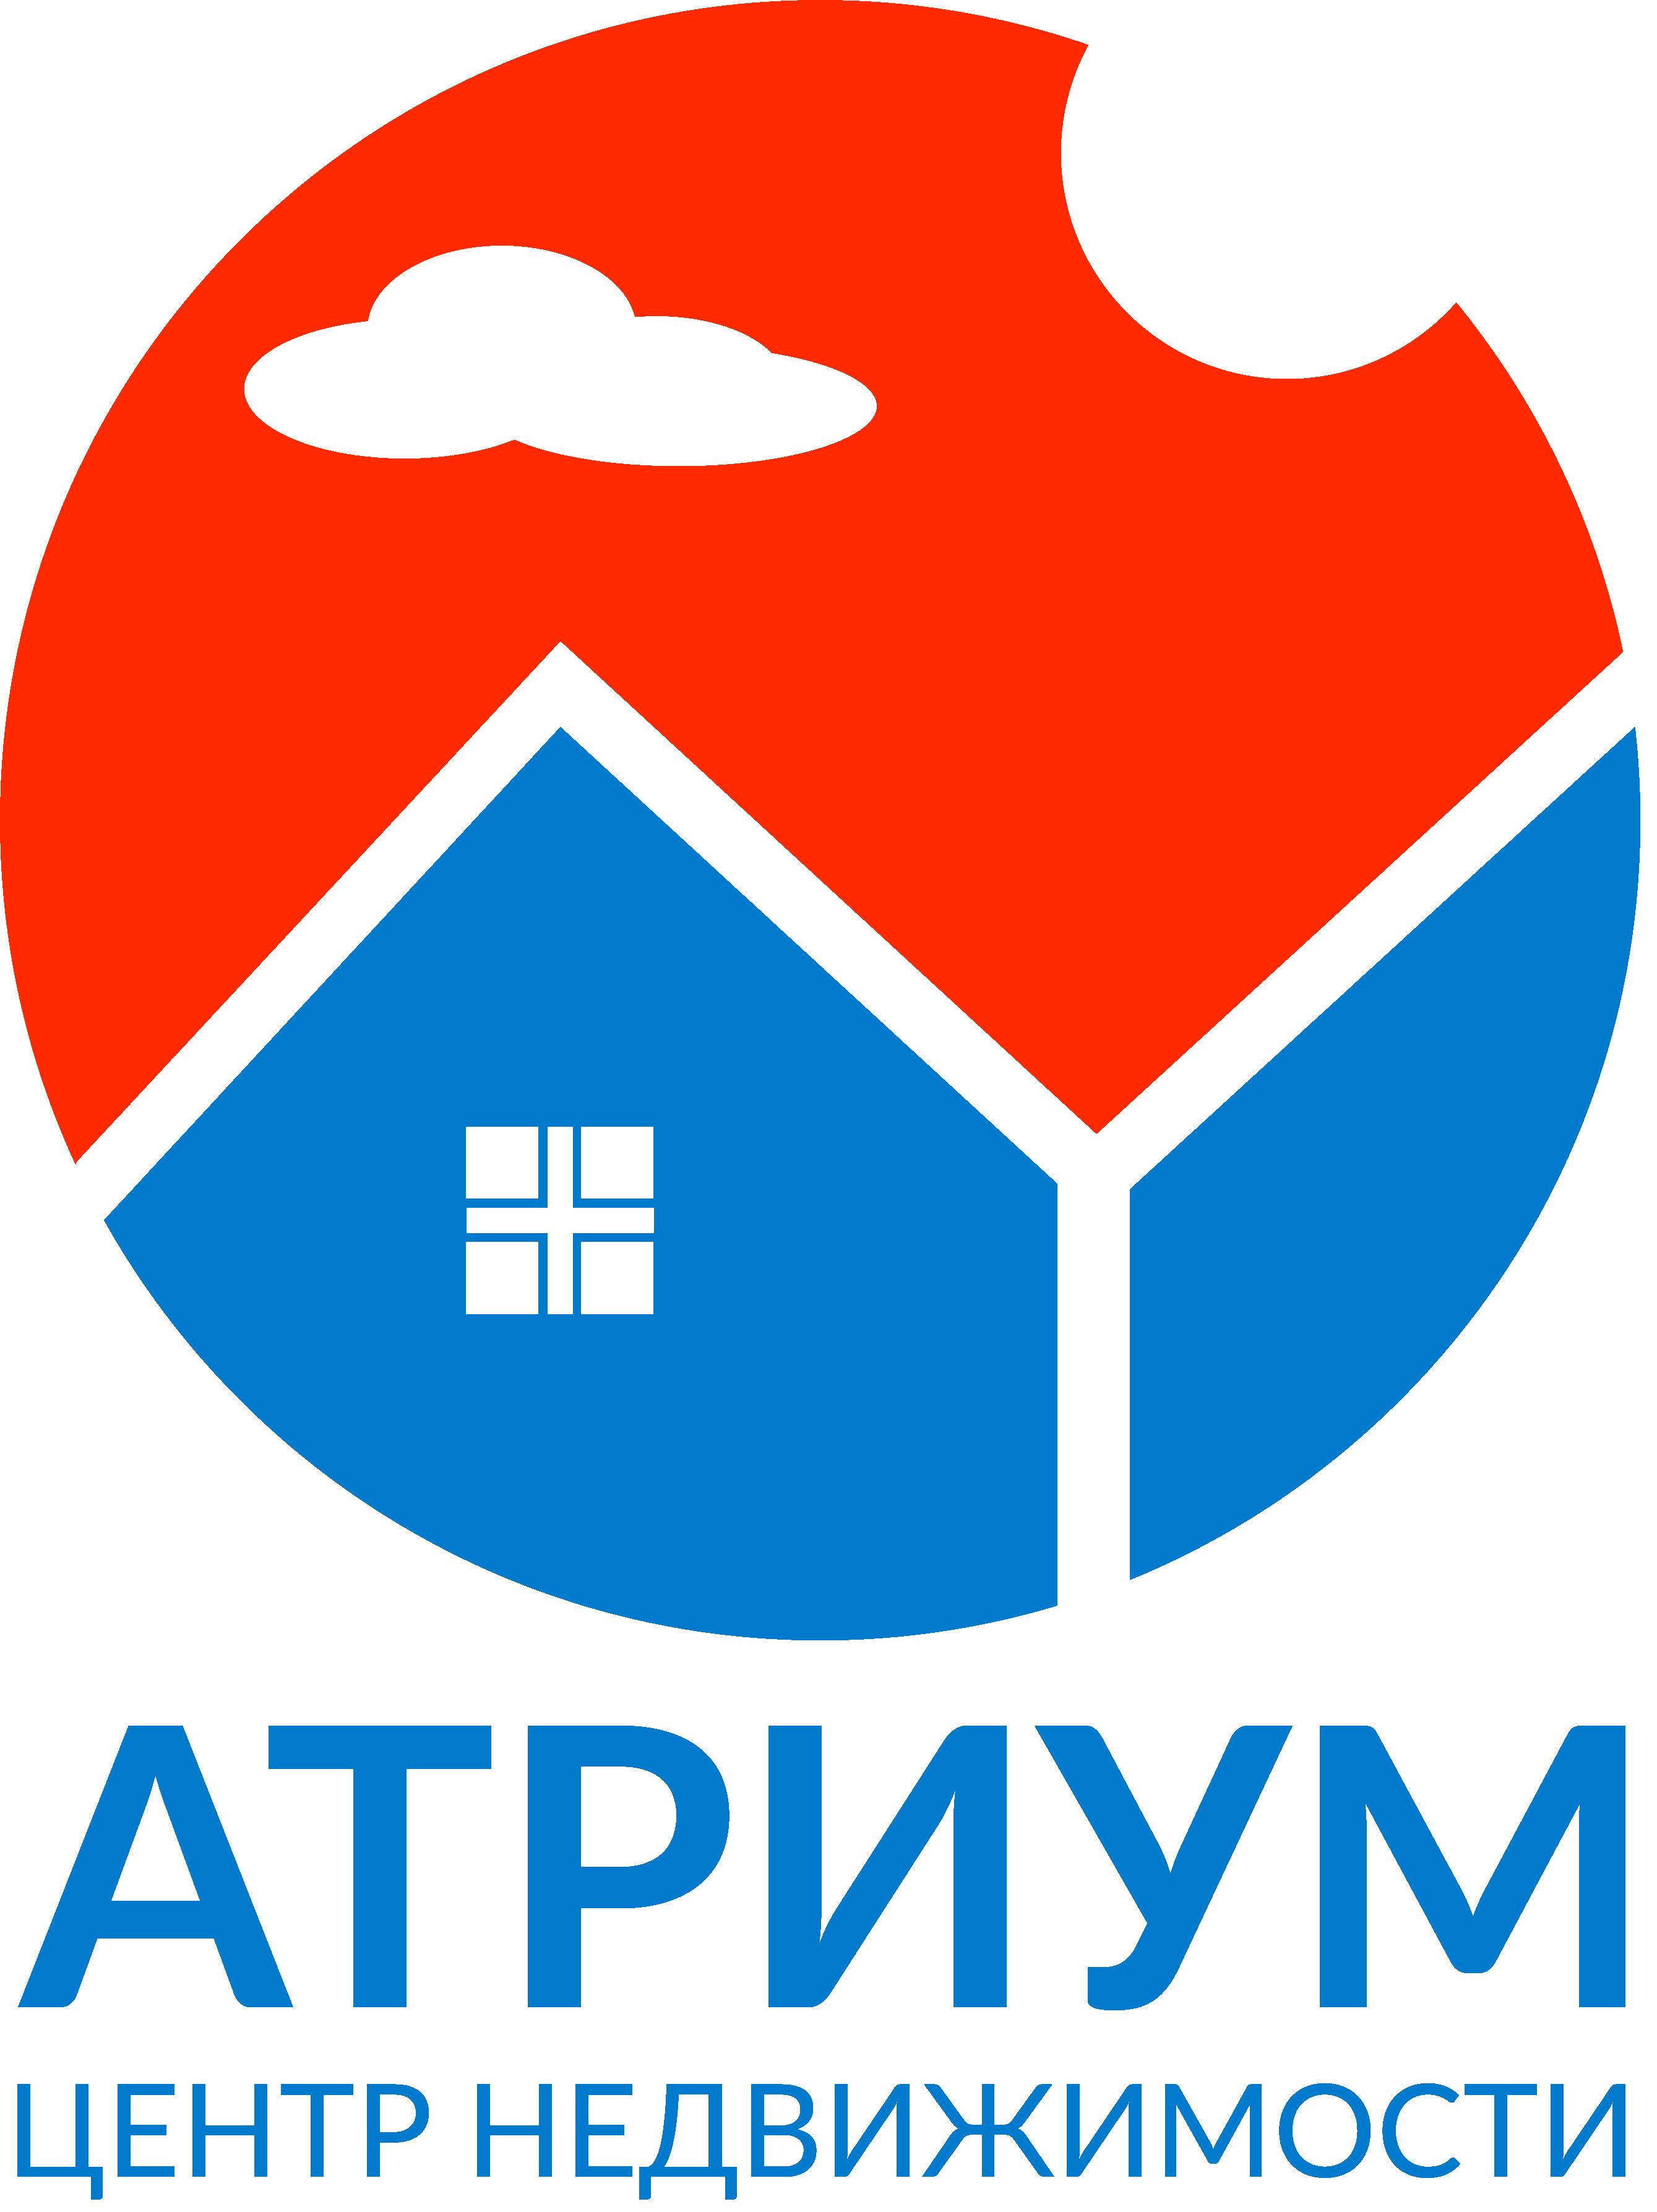 Редизайн / модернизация логотипа Центра недвижимости фото f_3085bc3314e6c09e.png